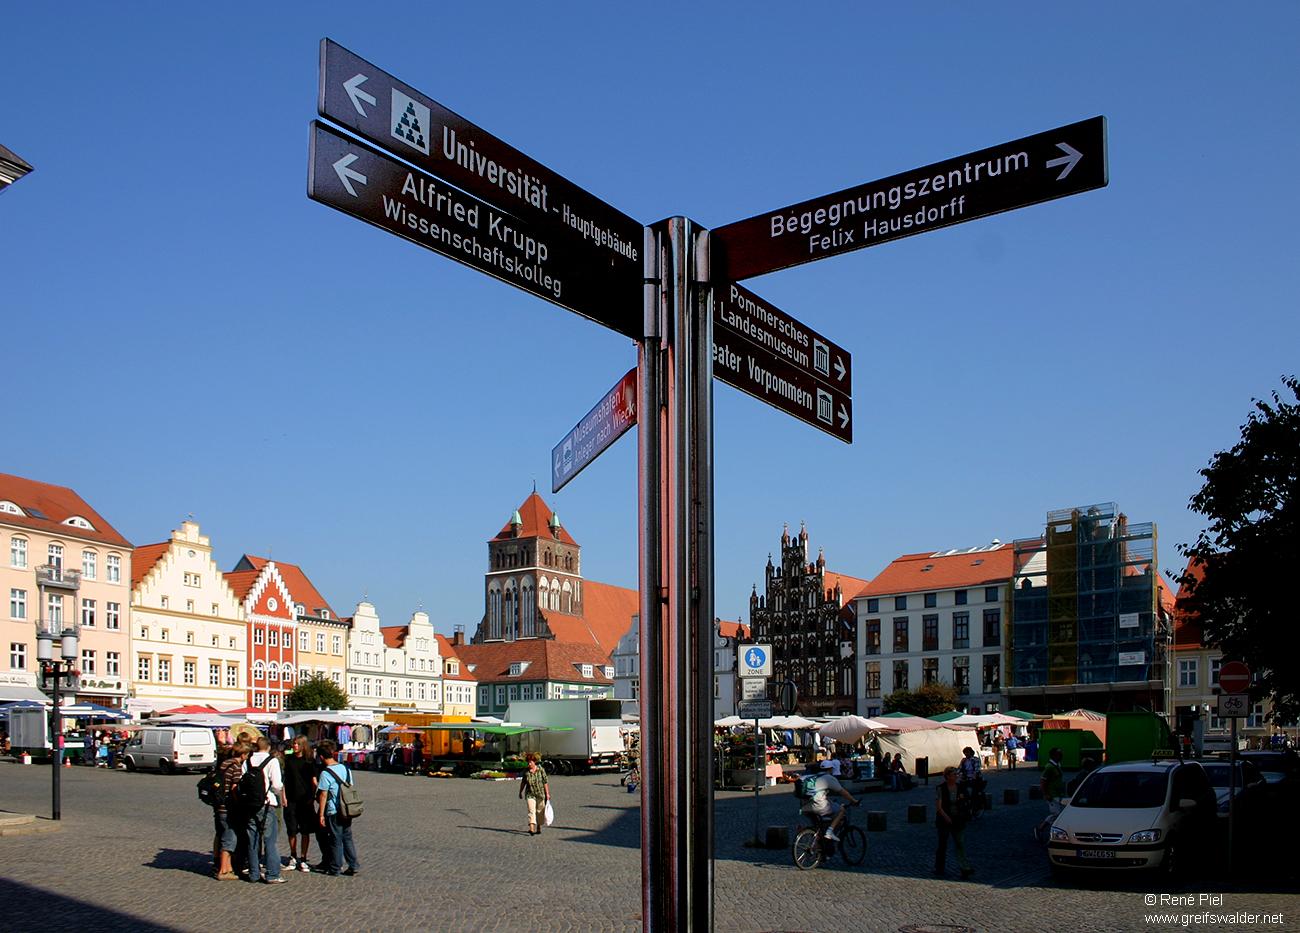 Wegweiser am Marktplatz in Greifswald